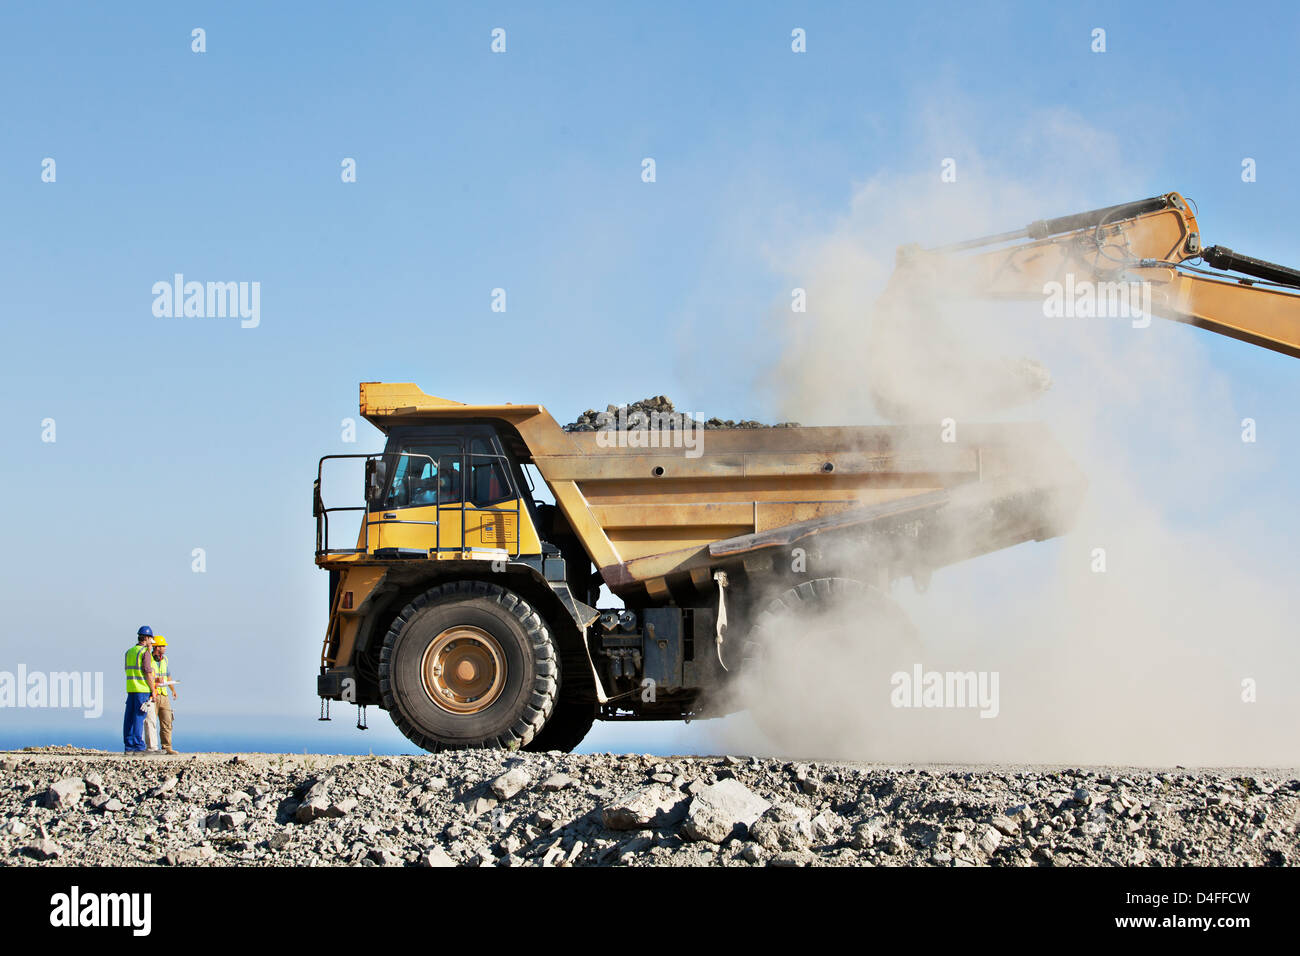 La surveillance des travailleurs et de la carrière au camion excavateur Photo Stock